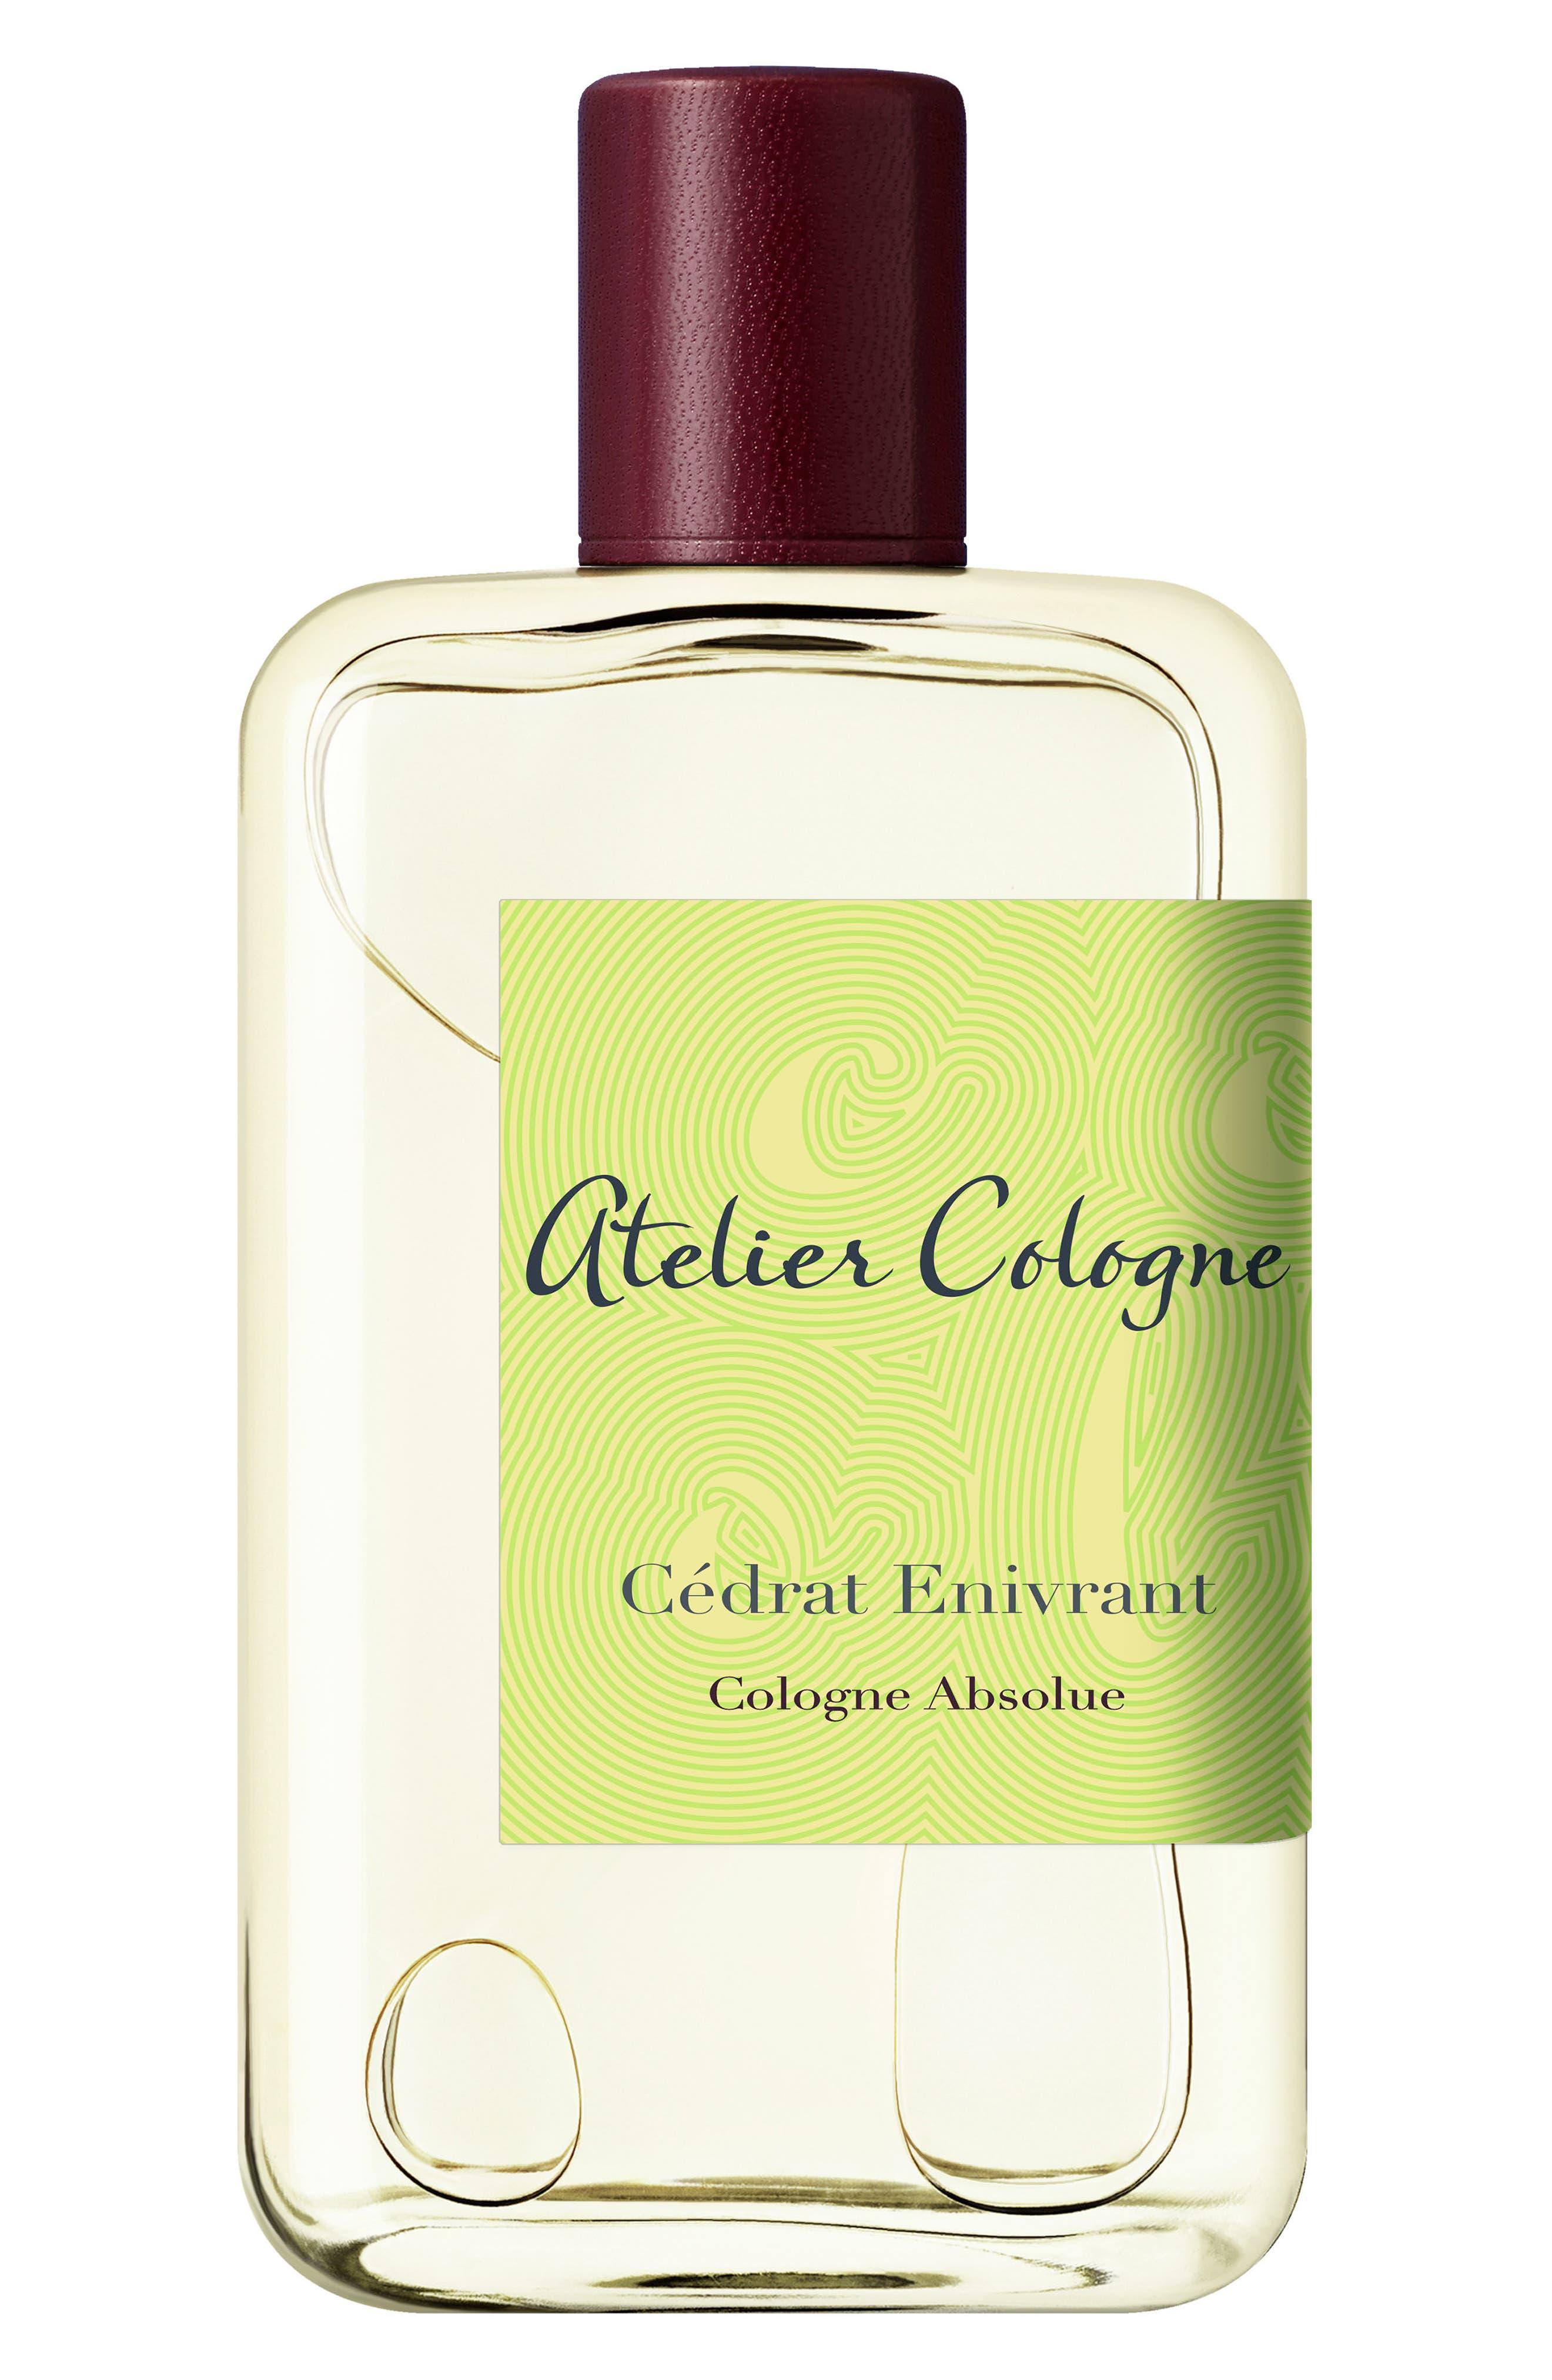 Atelier Cologne Cédrat Envirant Cologne Absolue